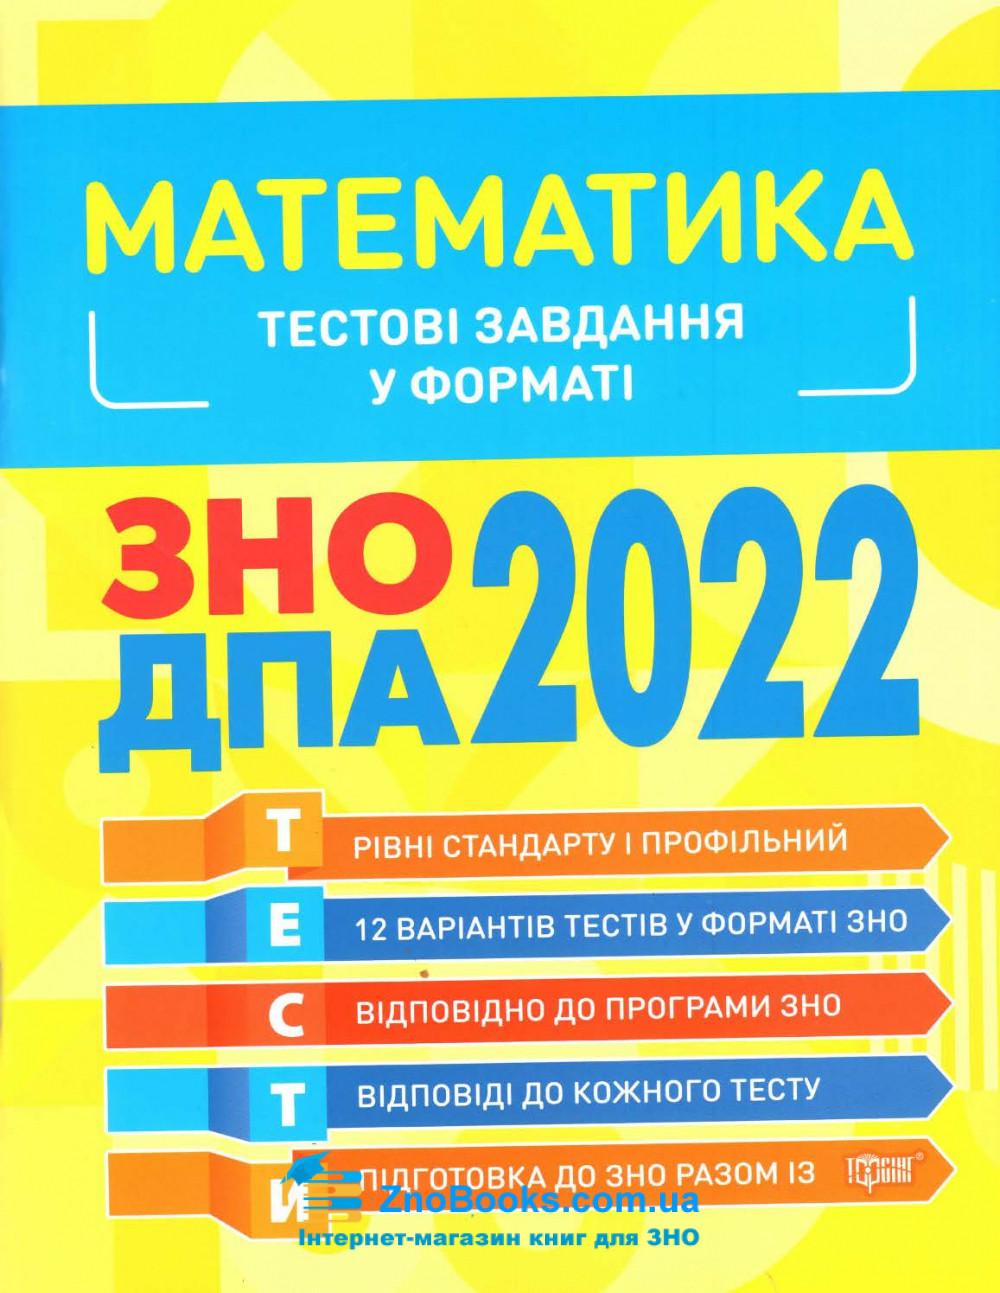 Тестові завдання у форматі ЗНО 2022 з Математики : Каплун О. Торсінг. 0